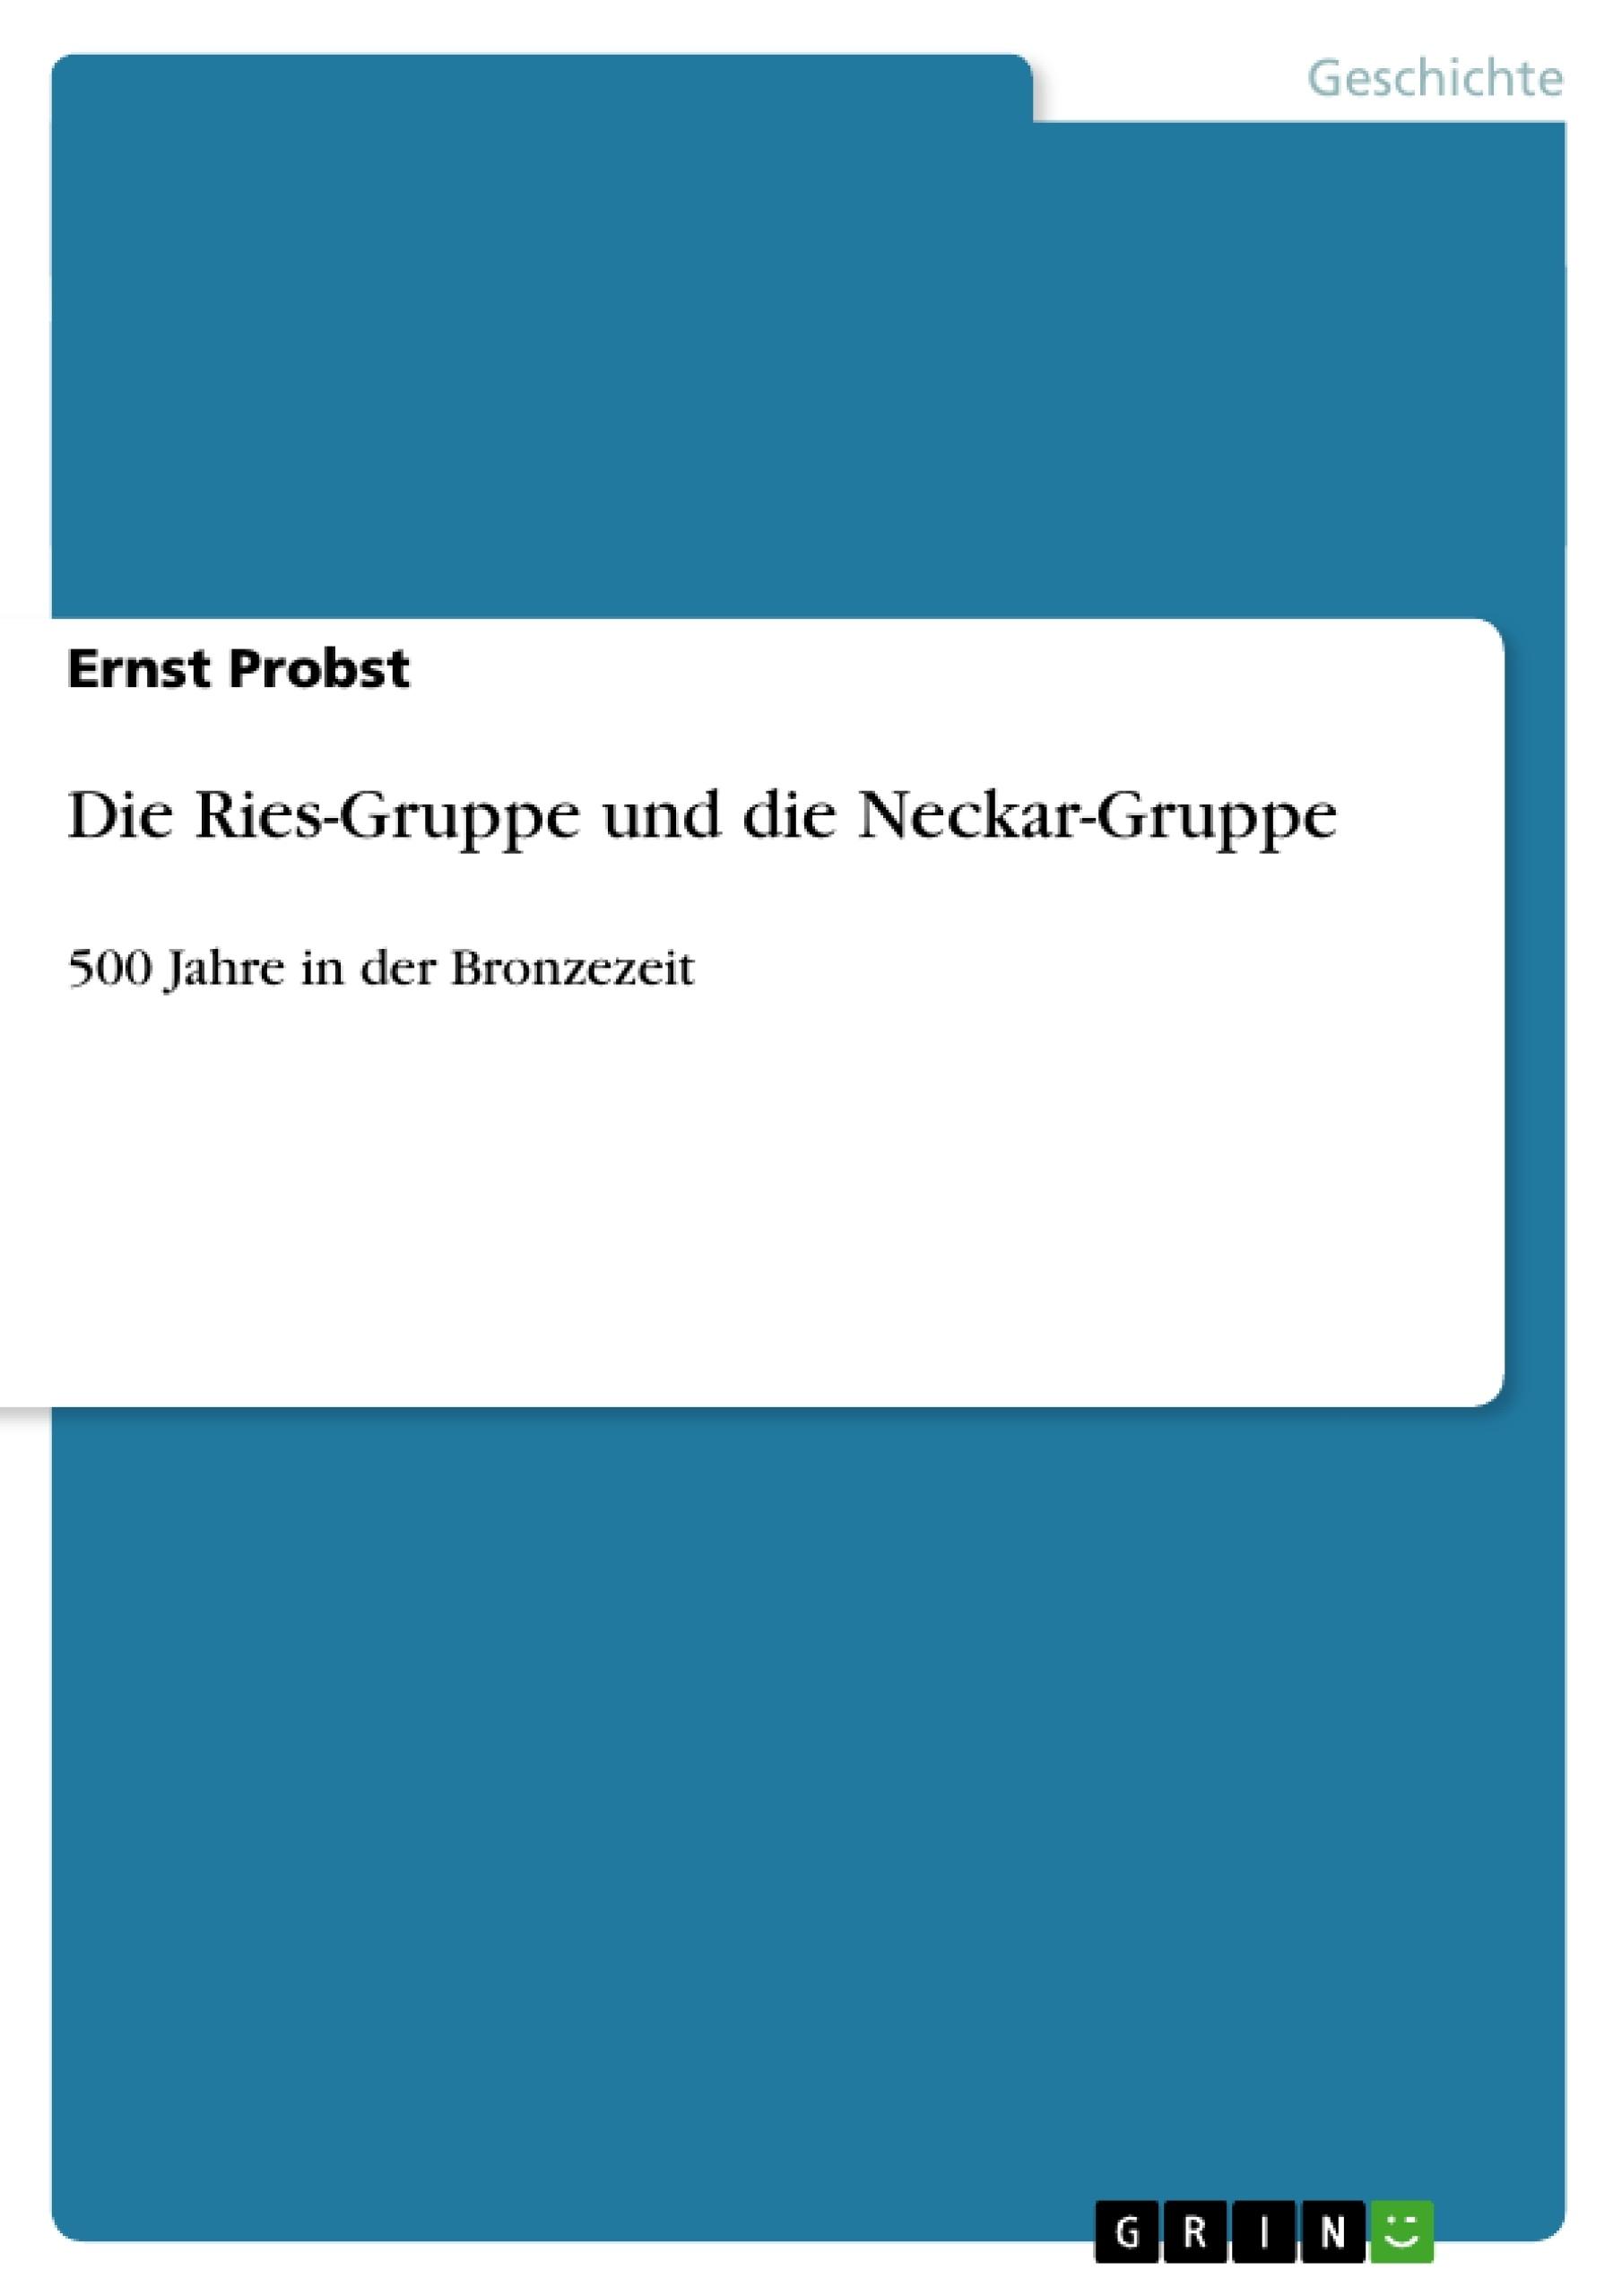 Titel: Die Ries-Gruppe und die Neckar-Gruppe